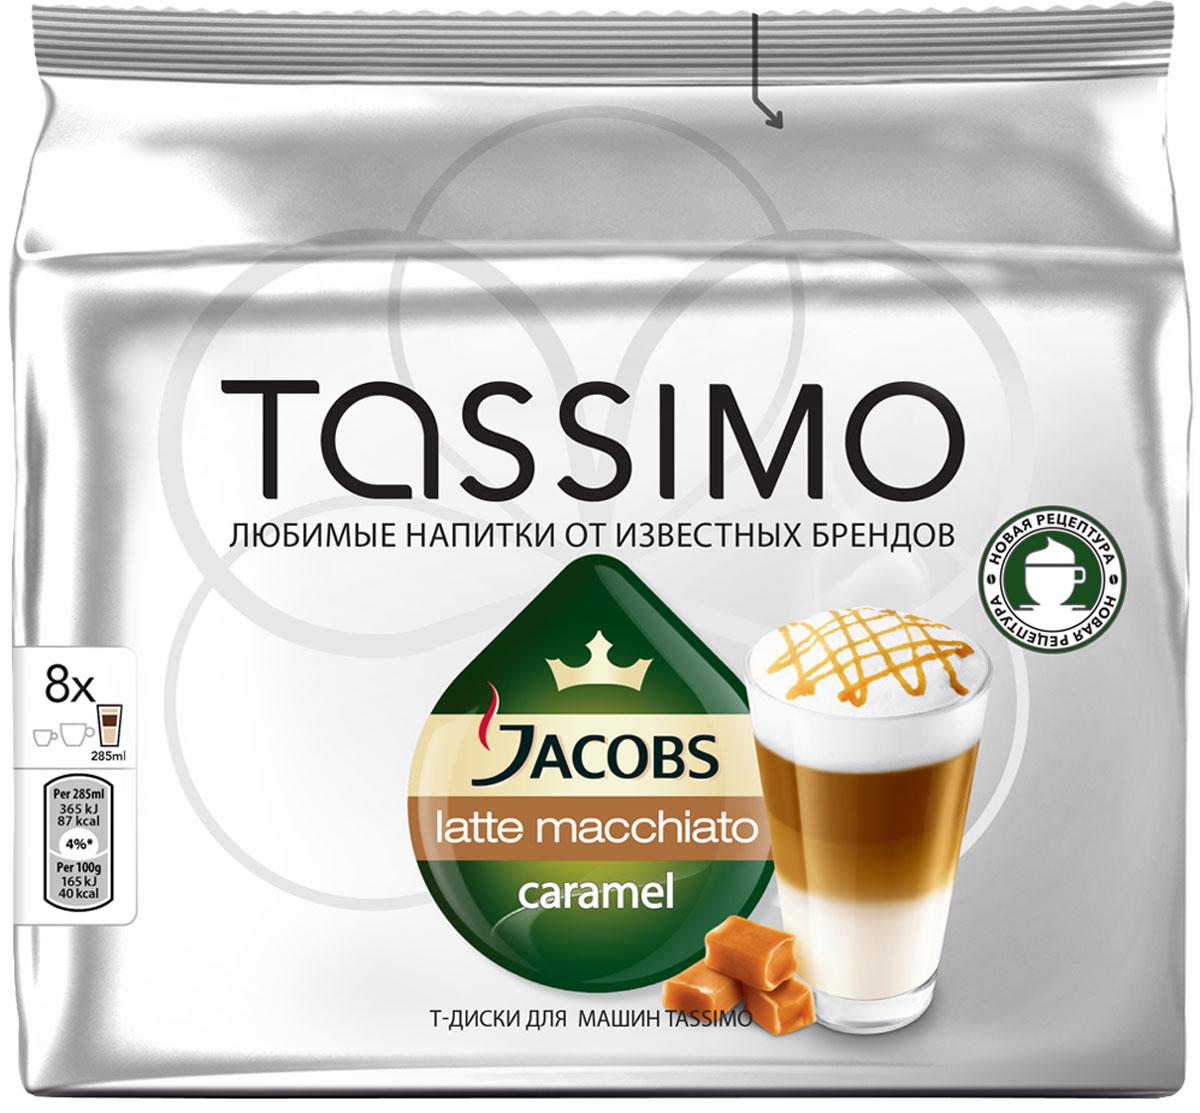 Tassimo Latte Macchiato молочный продукт в капсулах со вкусом карамели, 8 шт4001593БесподобныйLatte Macchiato от Jacobs Monarch обладает насыщенным вкусом карамели. Великолепный многослойный молочный напиток сочетает в себе нежный вкус карамели и кофейные нотки эспрессо.Latte Macchiato готовится легко с помощью двух Т-дисков: 1. Большой молочный T-Диск со вкусом карамельного макиато 2. Т-Диск эспрессо. Каждая упаковка содержит 8 Т-Дисков Jacobs эспрессо и 8 молочных T-Дисков со вкусом карамели. Наполнитель - сухой молочный.Уважаемые клиенты! Обращаем ваше внимание на то, что упаковка может иметь несколько видов дизайна. Поставка осуществляется в зависимости от наличия на складе.